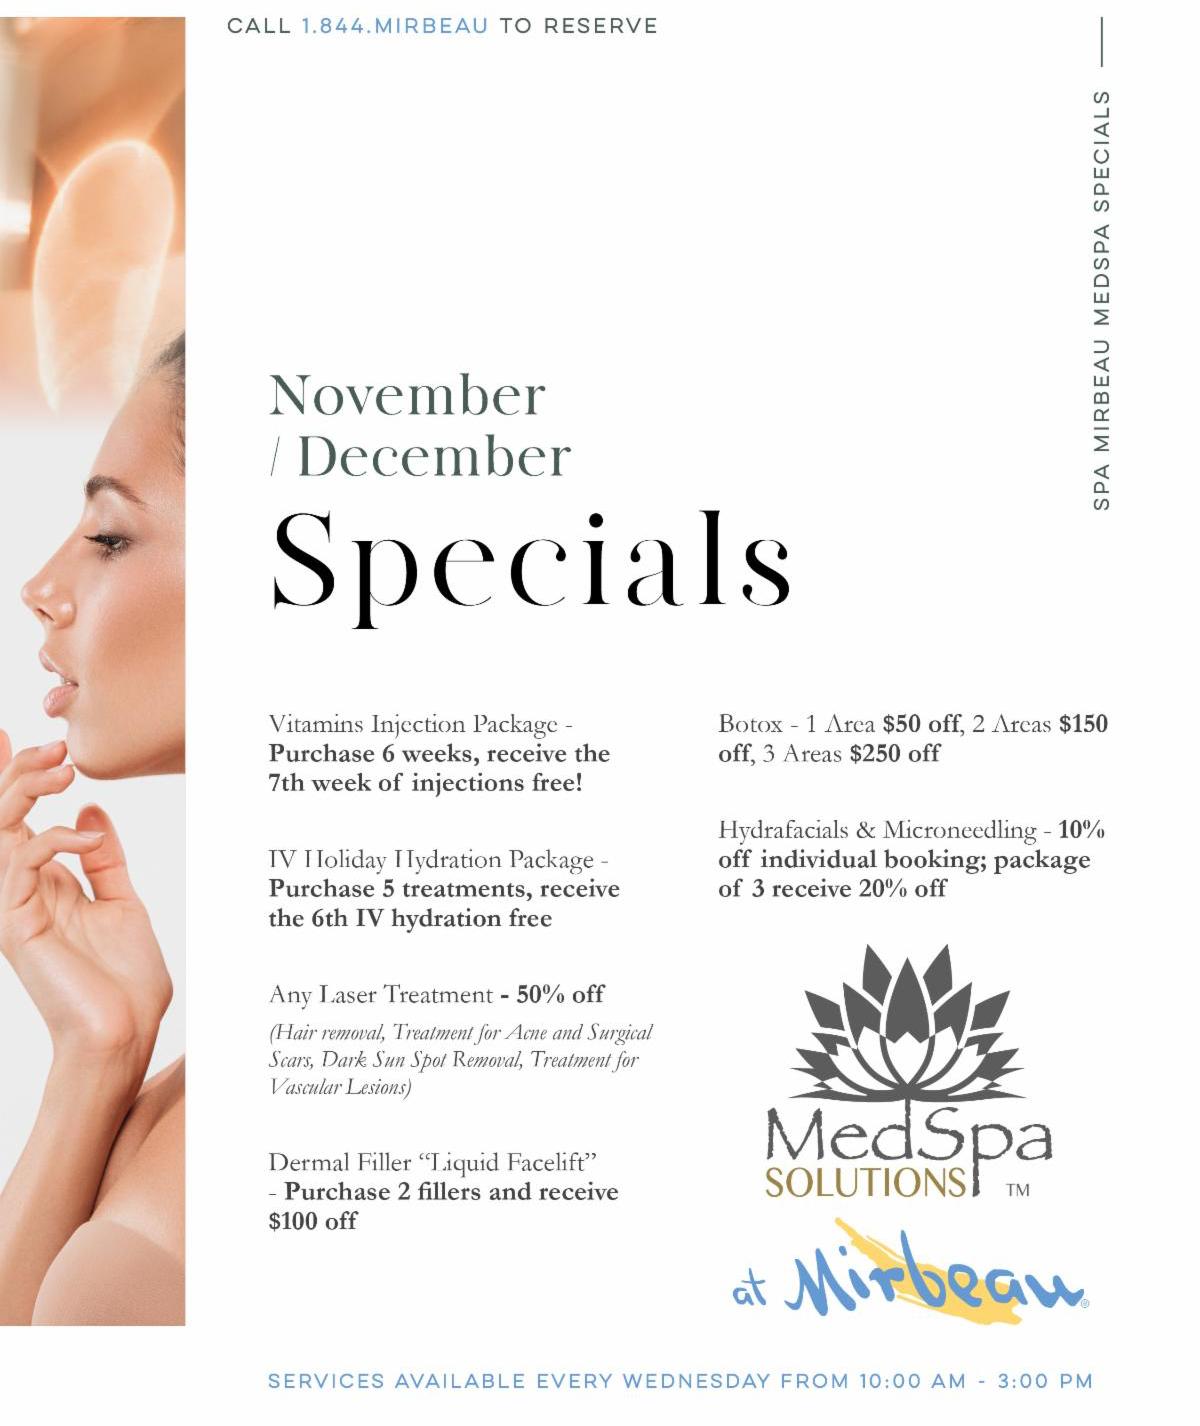 MedSpa SpecialsFlyer November December jpg